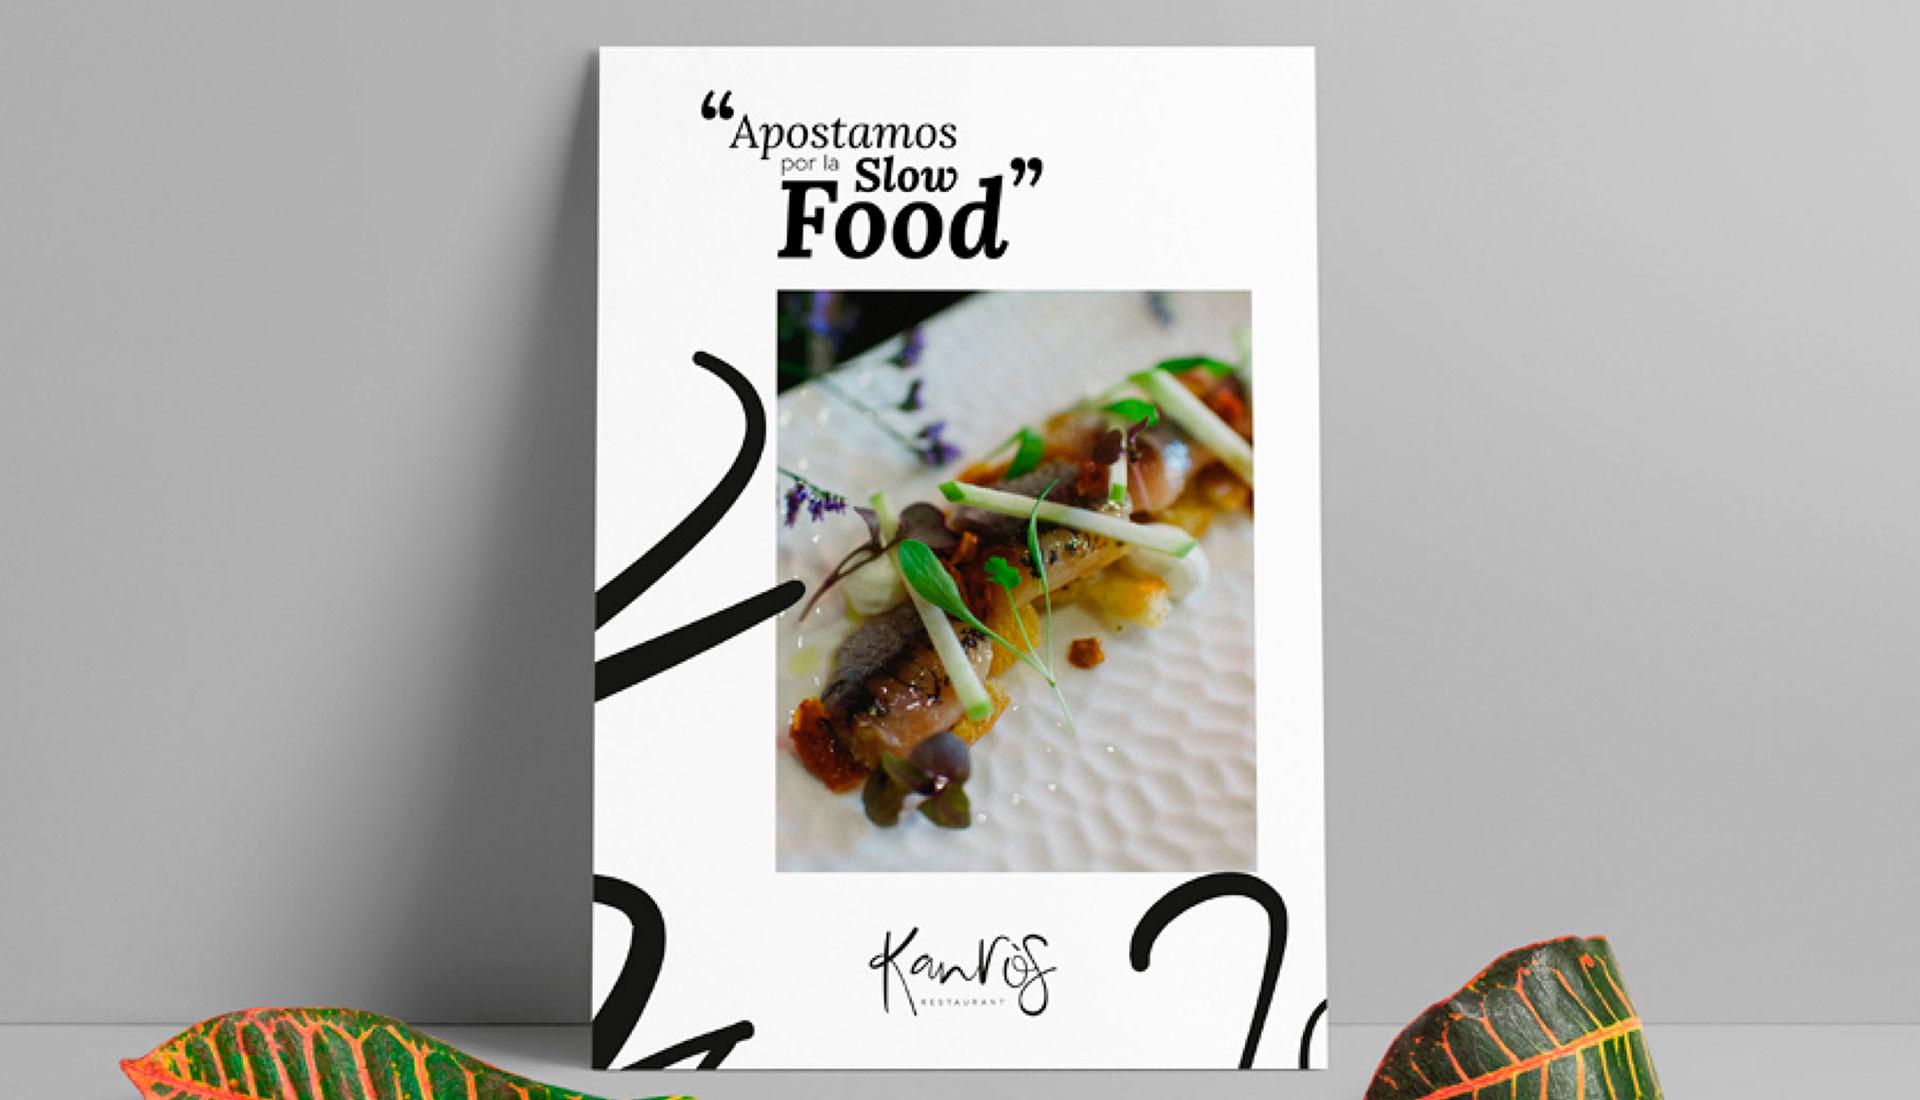 agencia-publicidad-pennywhort-marketing-identidad-corporativa-restaurante-valencia-10